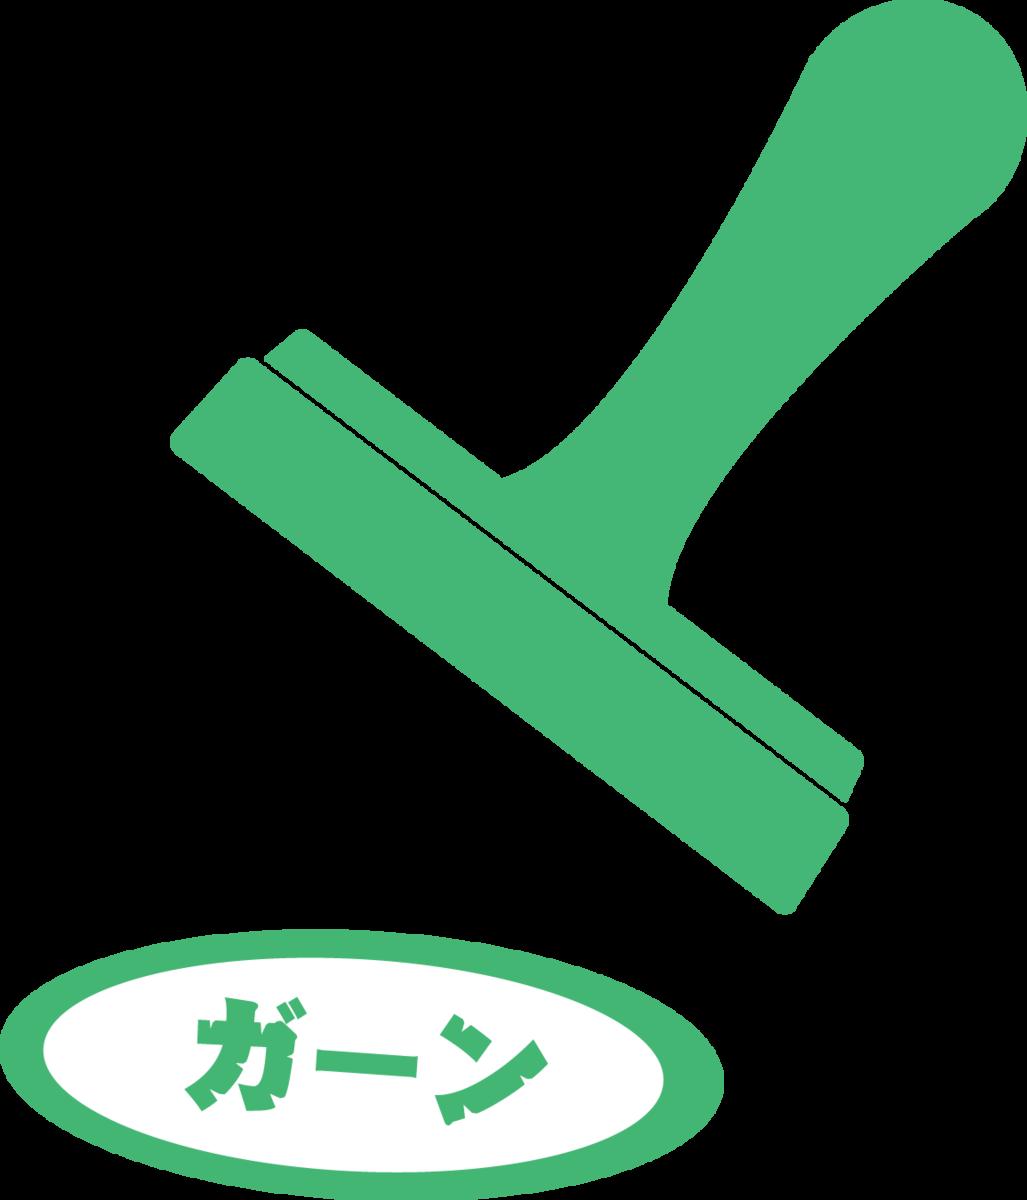 f:id:mojiru:20201026093441p:plain